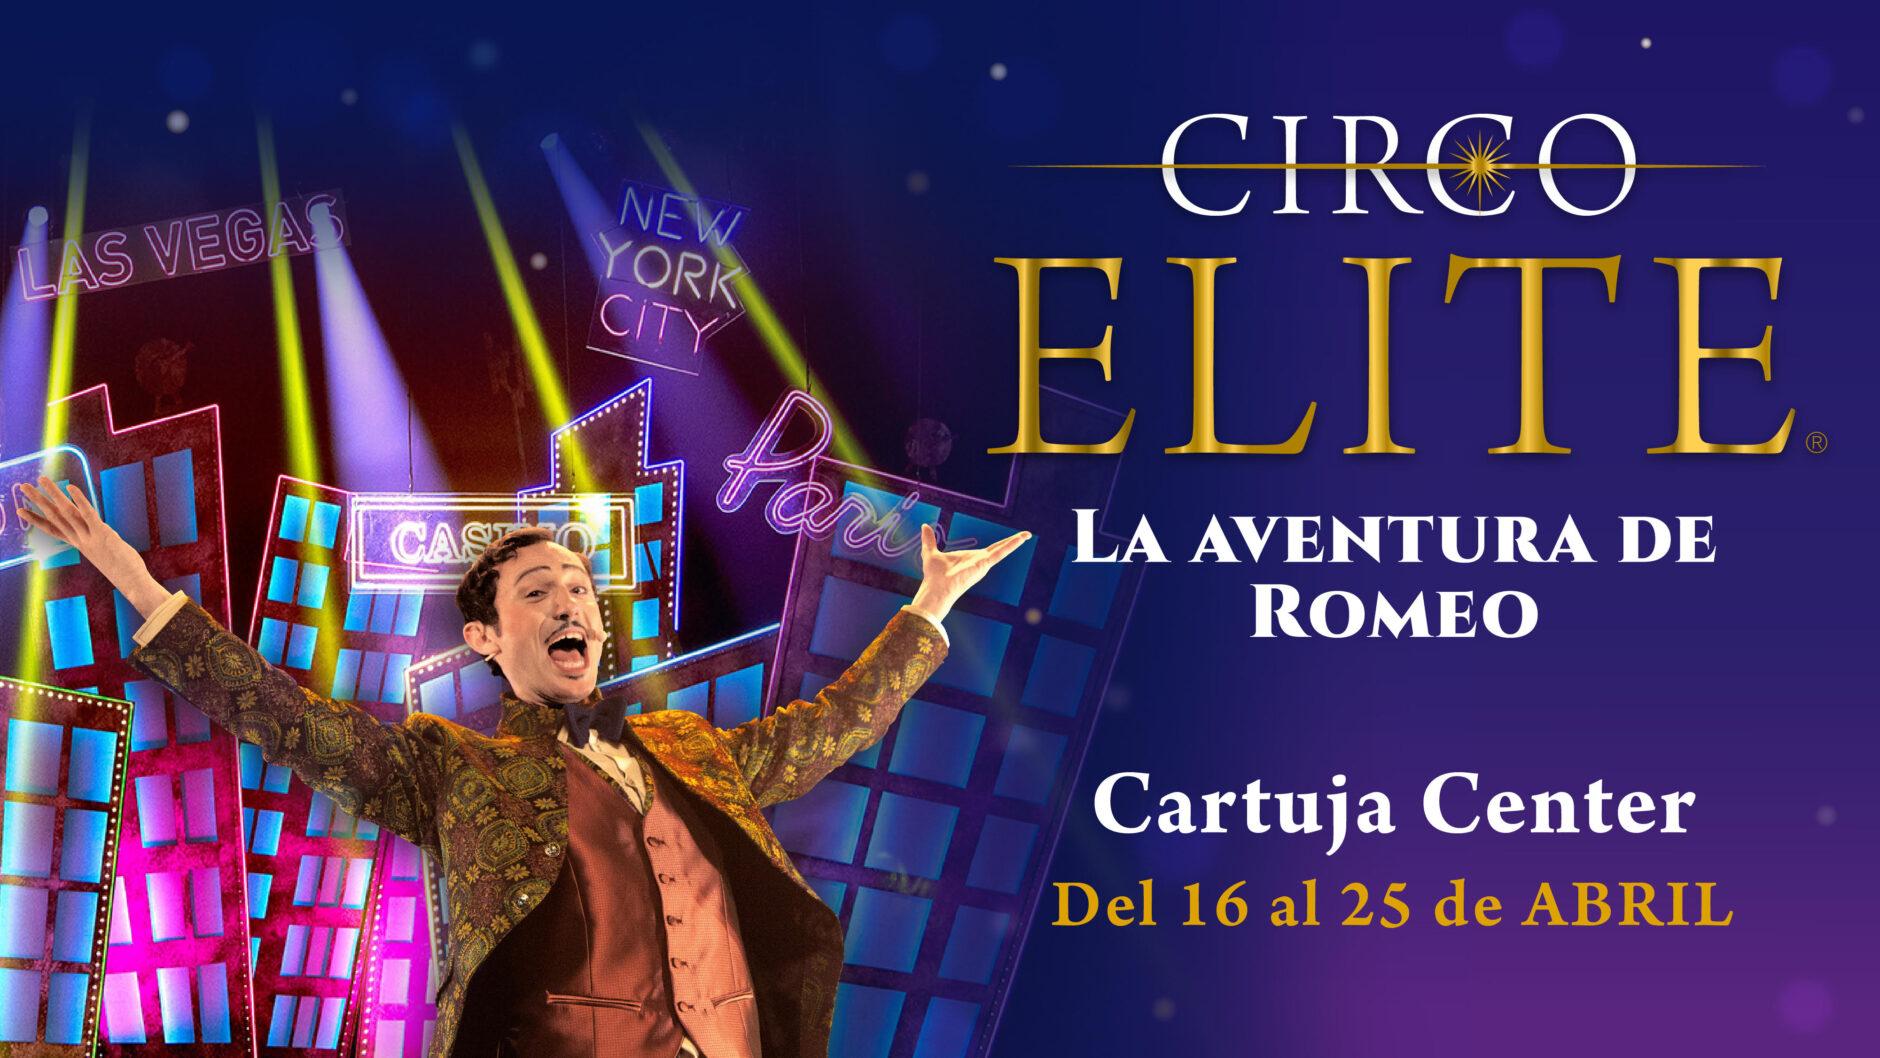 circo élite - la aventura de romeo 1